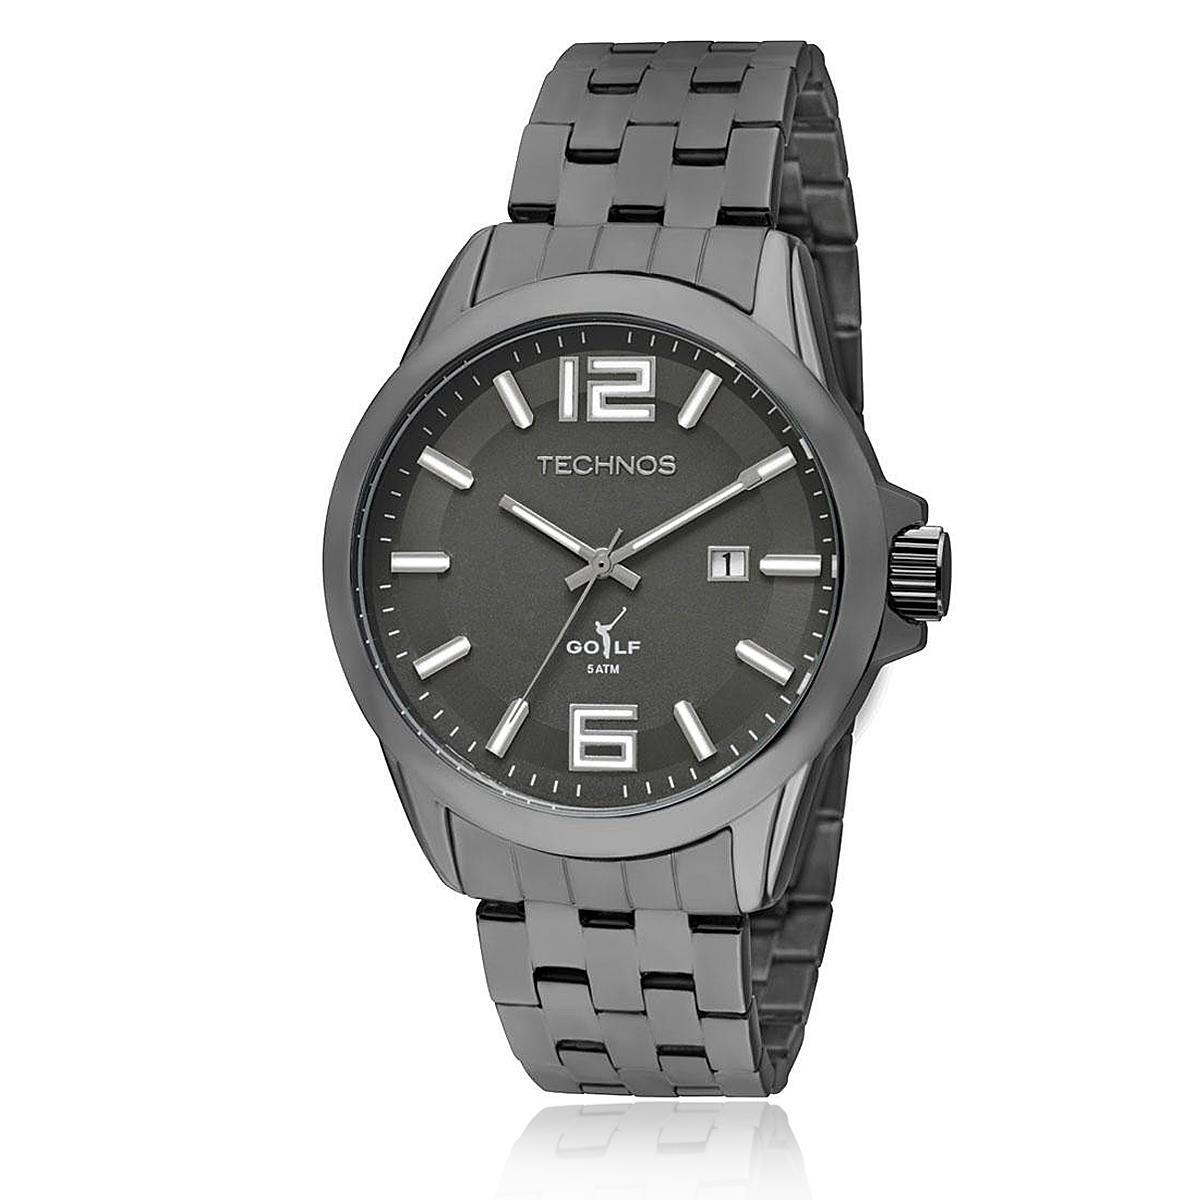 ec0330f6ff8 Relógio Masculino Technos Classic Golf Analógico 2115KOL 4P Aço preto com  calendário